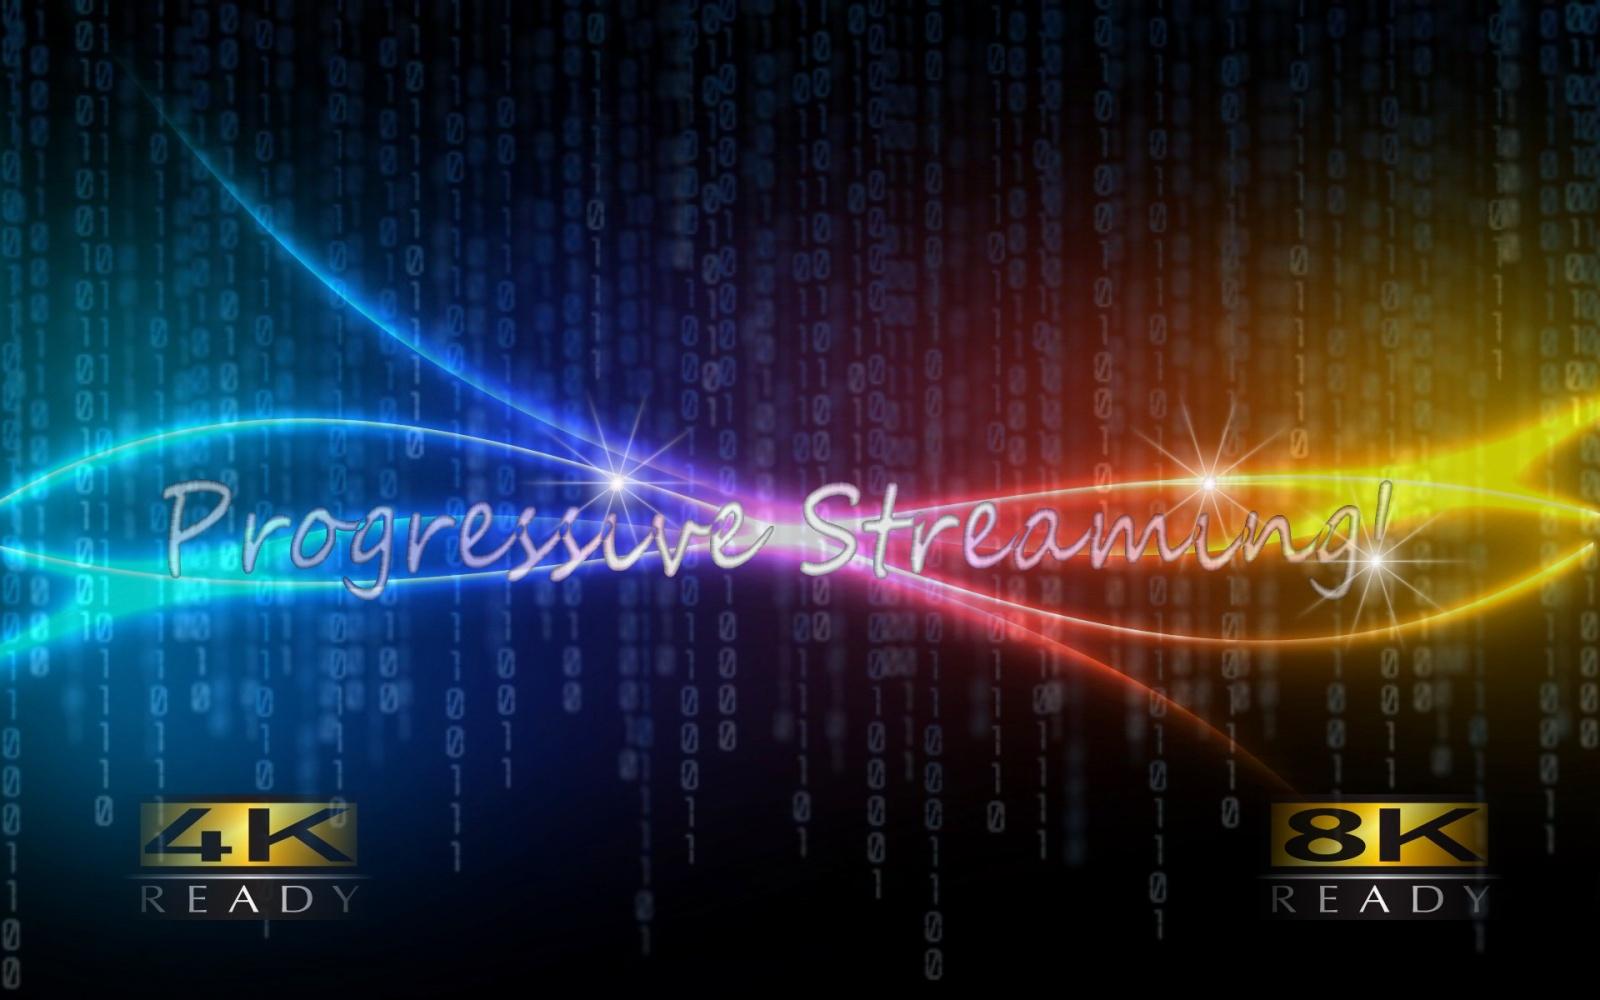 Технология Progressive Streaming, или как смотреть 4k видео по сети, без фризов - 1